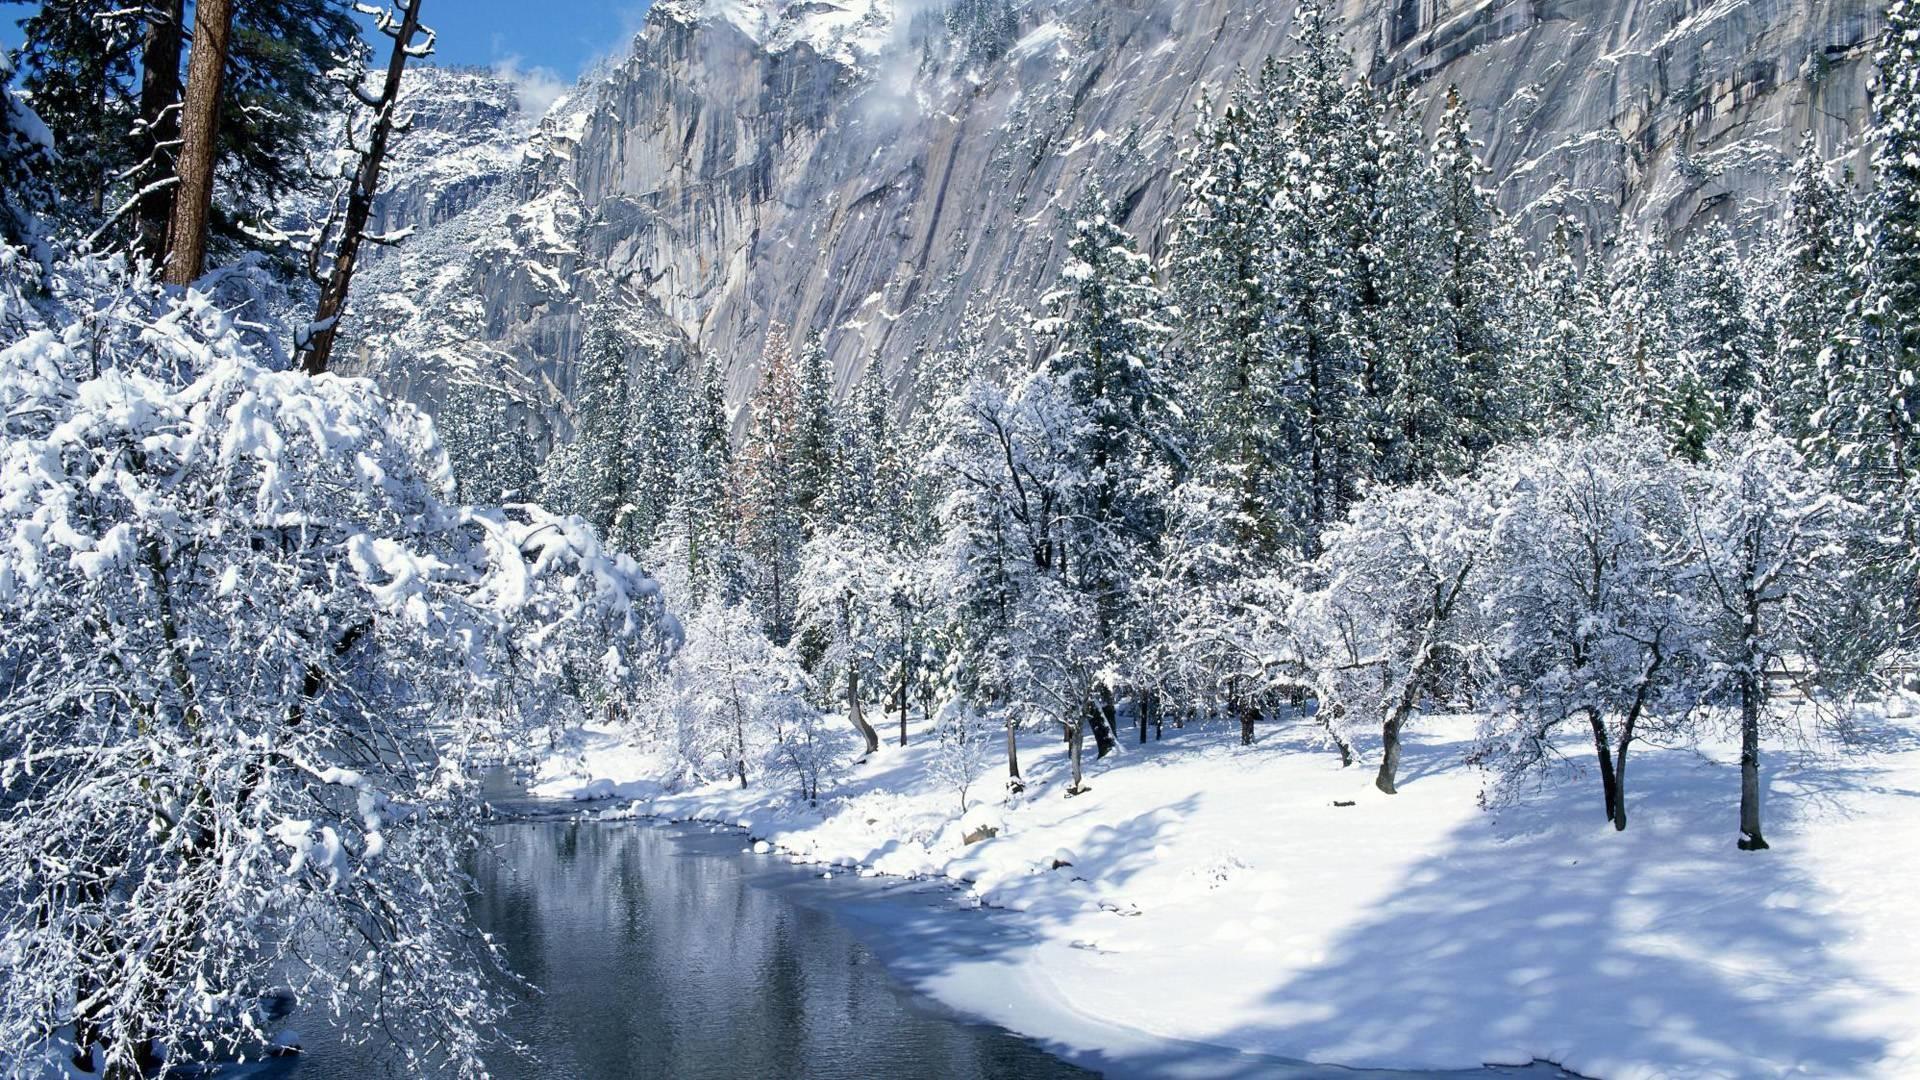 17 migliori idee su free winter wallpaper su pinterest scene invernali e neve